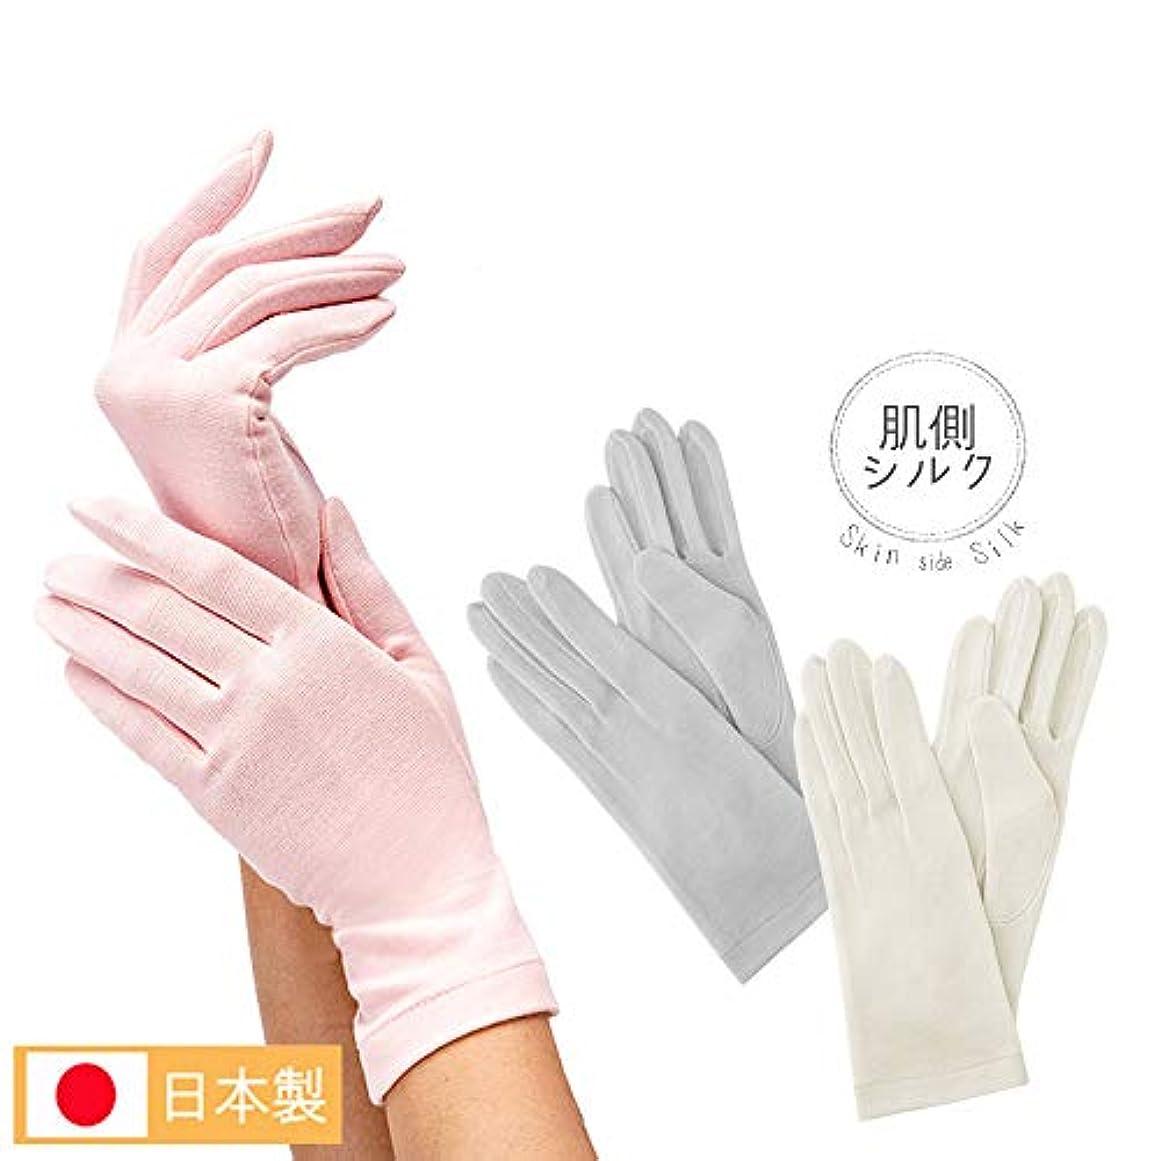 かわいらしいチキン事前にG12-0071_IV 就寝用 裏シルクうるおい手袋 あったか 薄い 手荒れ ハンドケア 保湿 レディース 女性 おやすみ 寝るとき 日本製 アイボリー